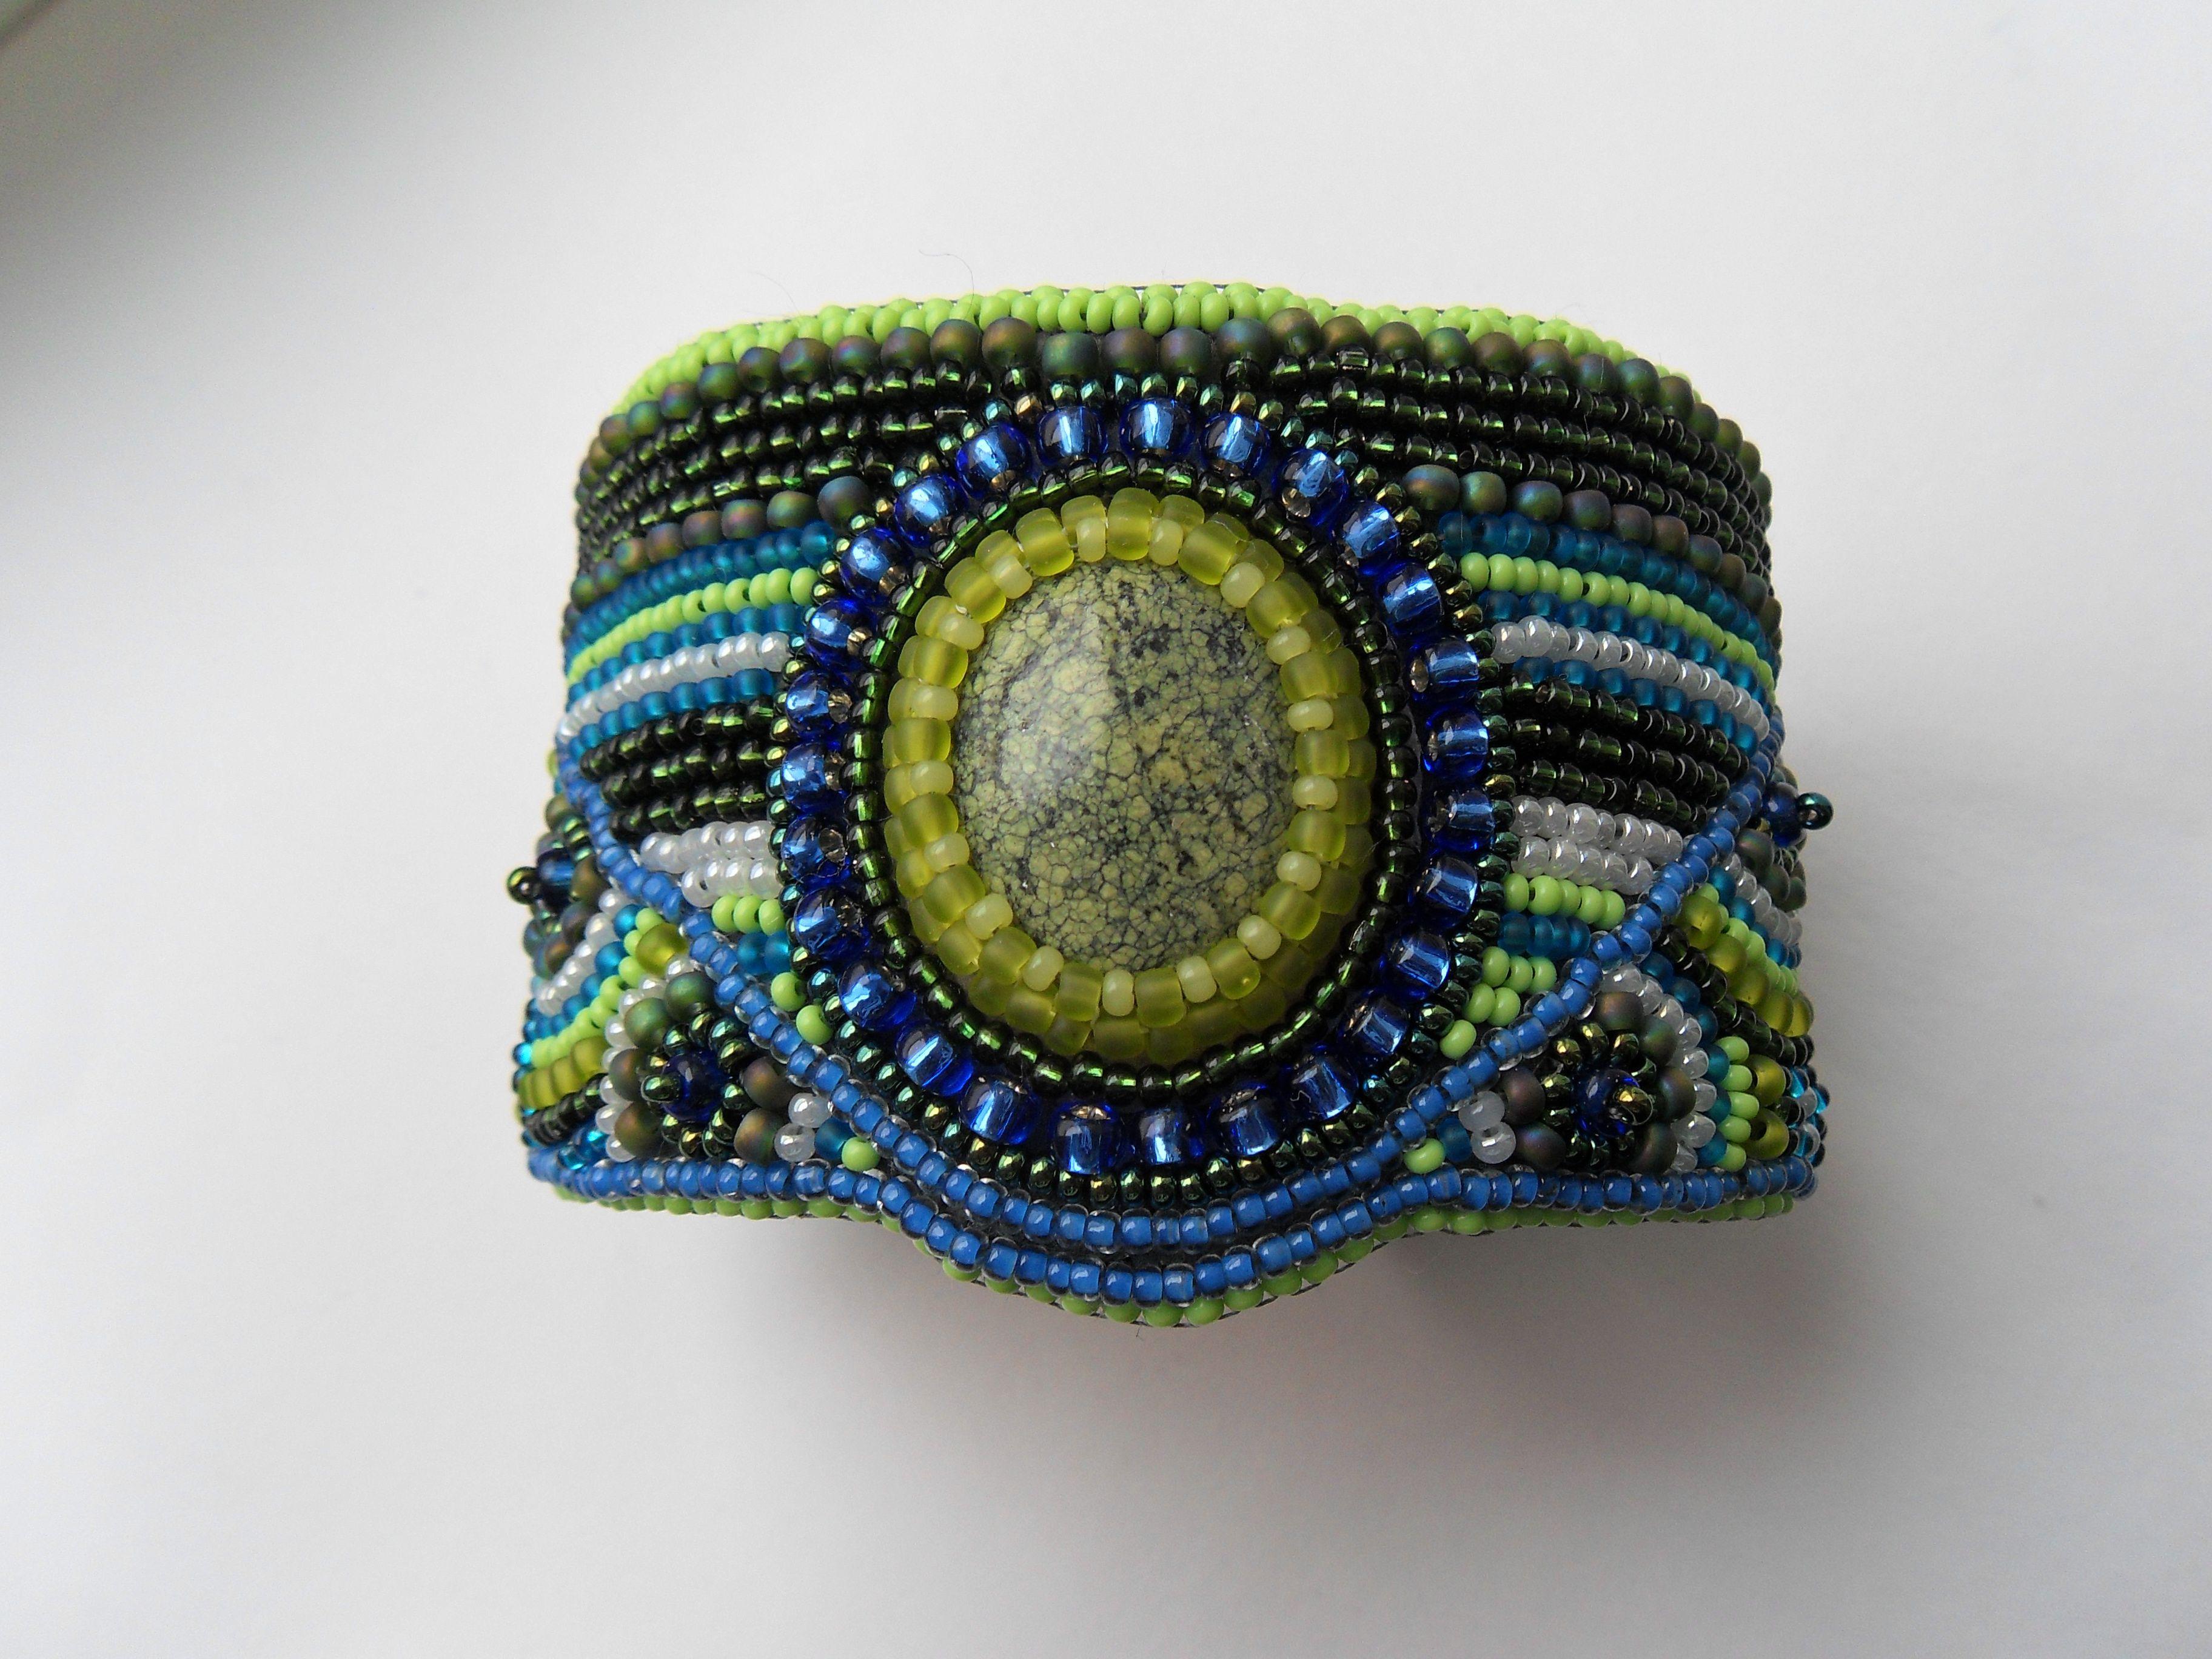 аленаэир купитьбраслет украшение вышивкабисером купить змеевик браслет подарок